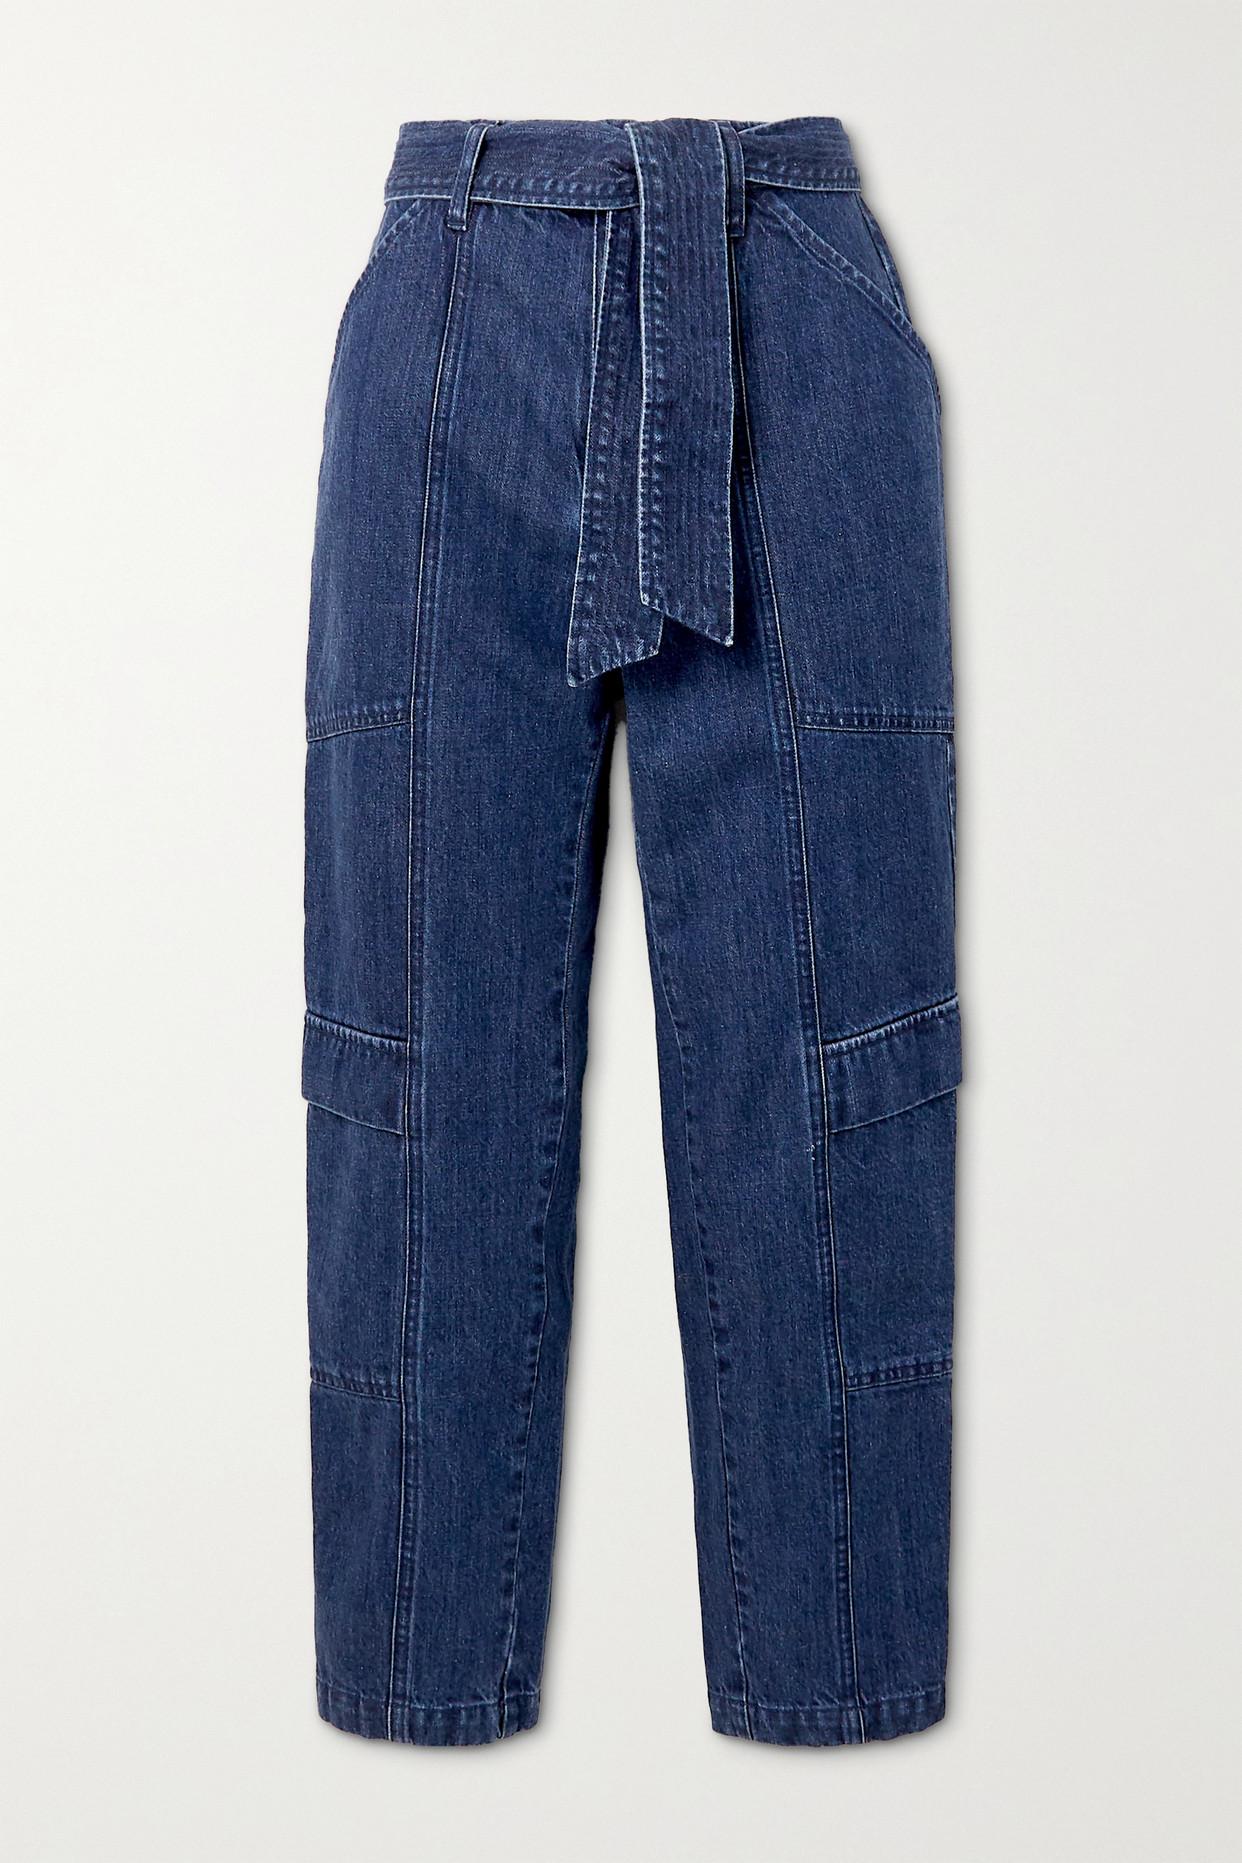 J BRAND - Athena 配腰带高腰锥形牛仔裤 - 蓝色 - 32